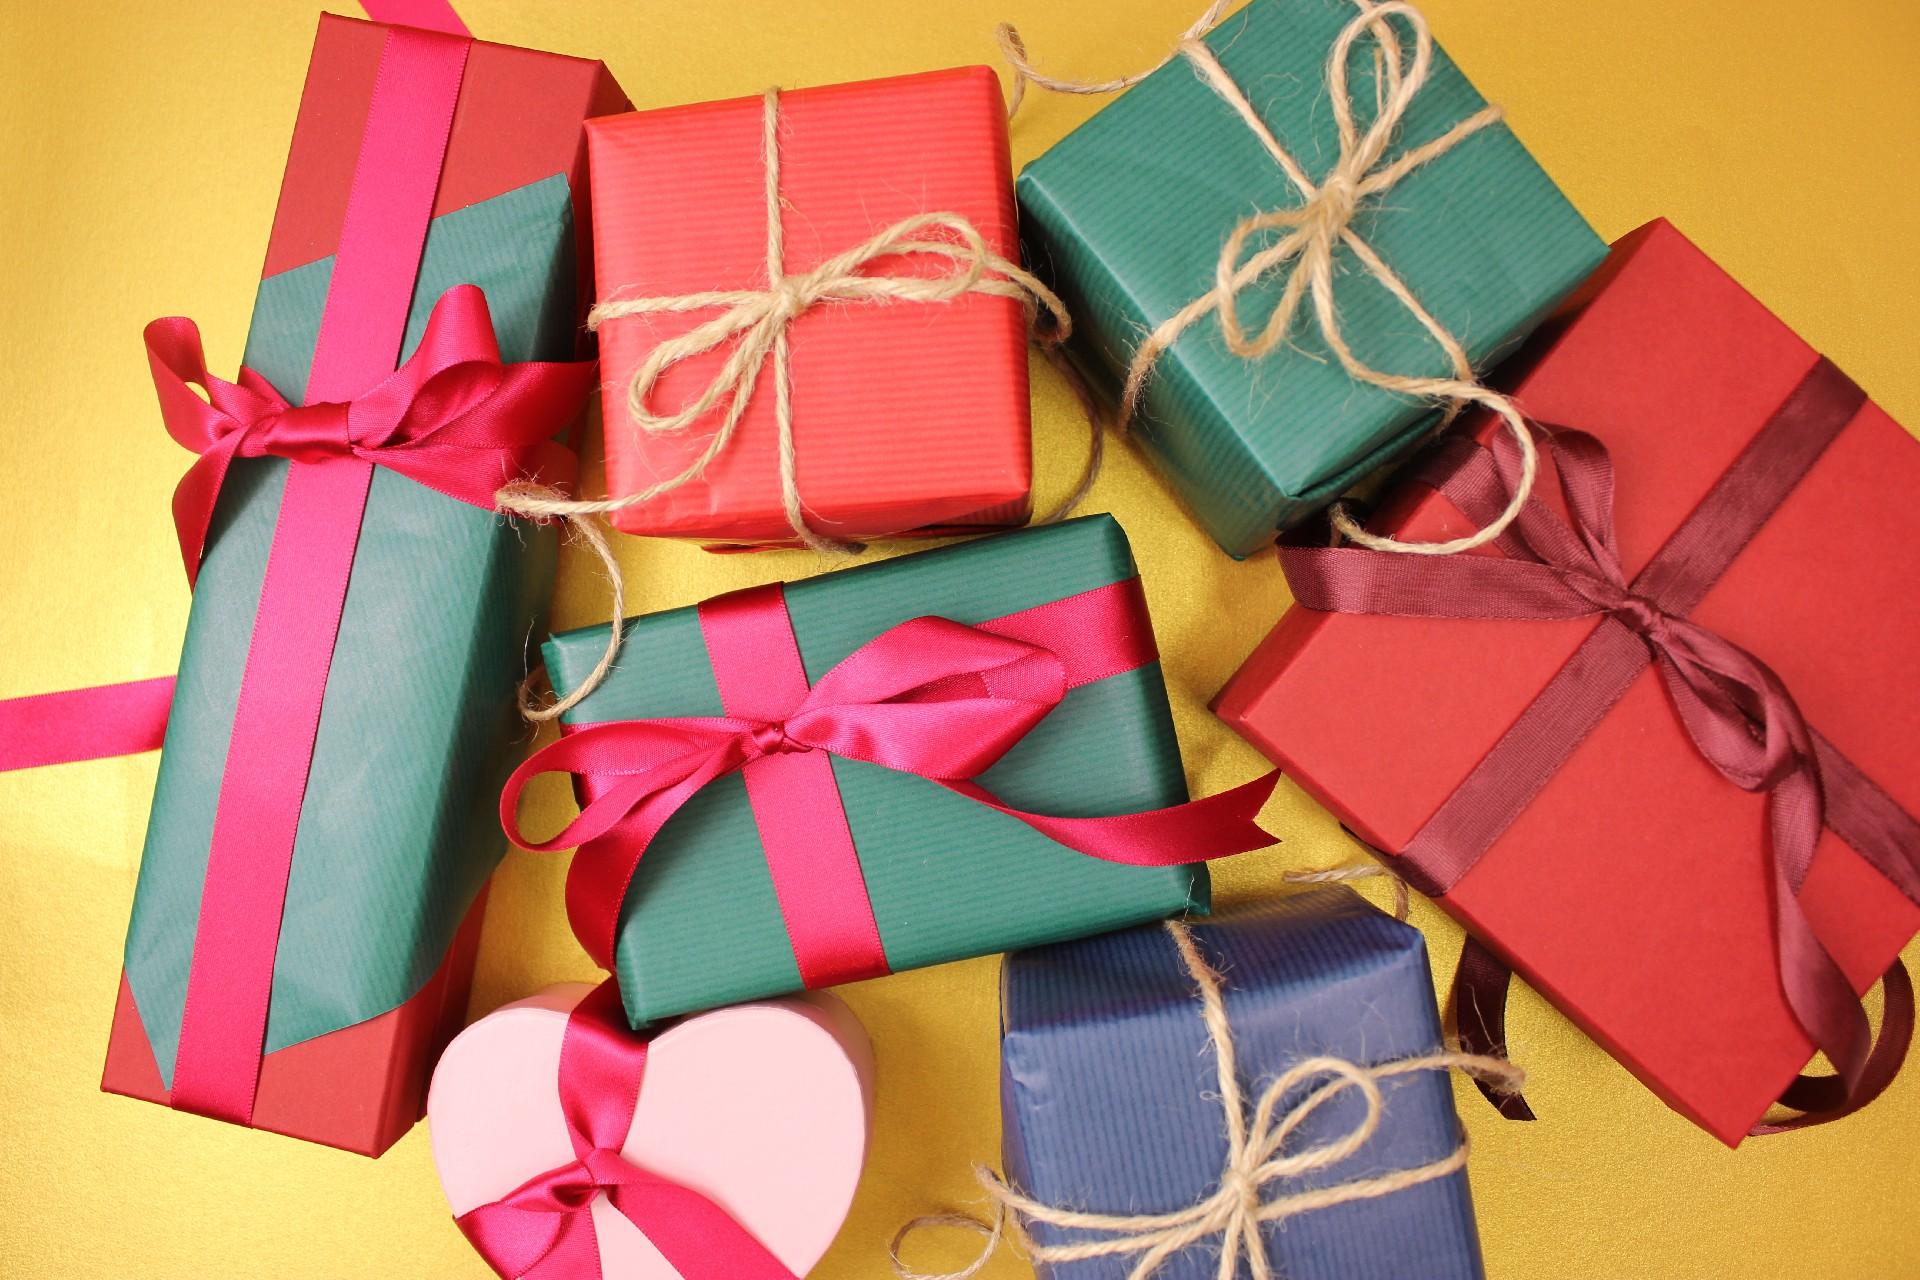 さりげなく渡して好感度UP!300円以下で買える素敵なプレゼント!のサムネイル画像